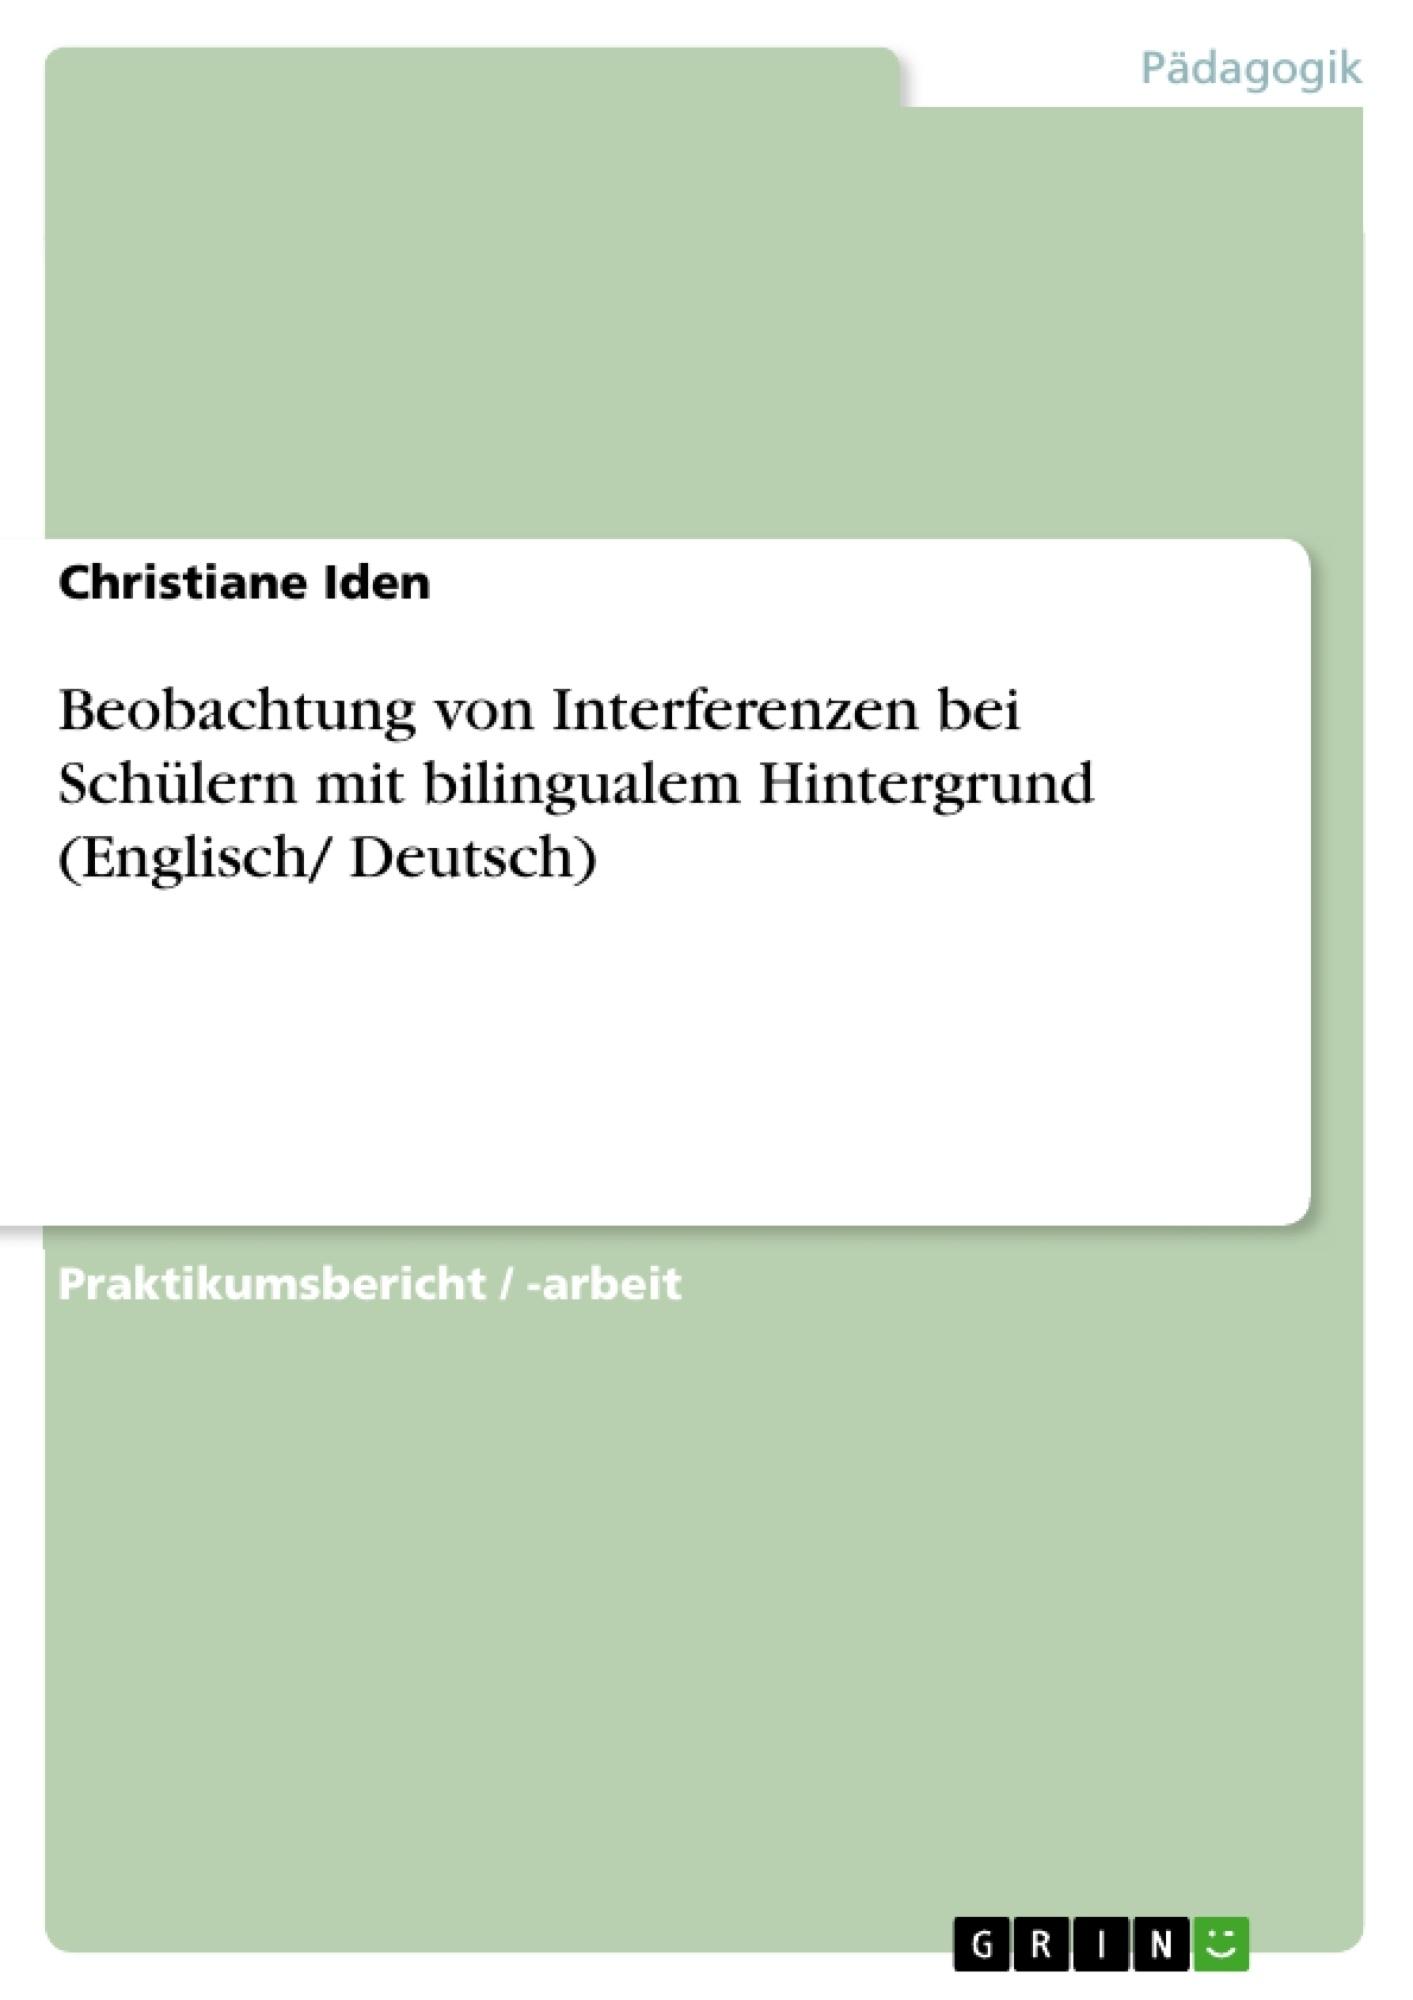 Titel: Beobachtung von Interferenzen bei Schülern mit bilingualem Hintergrund (Englisch/ Deutsch)